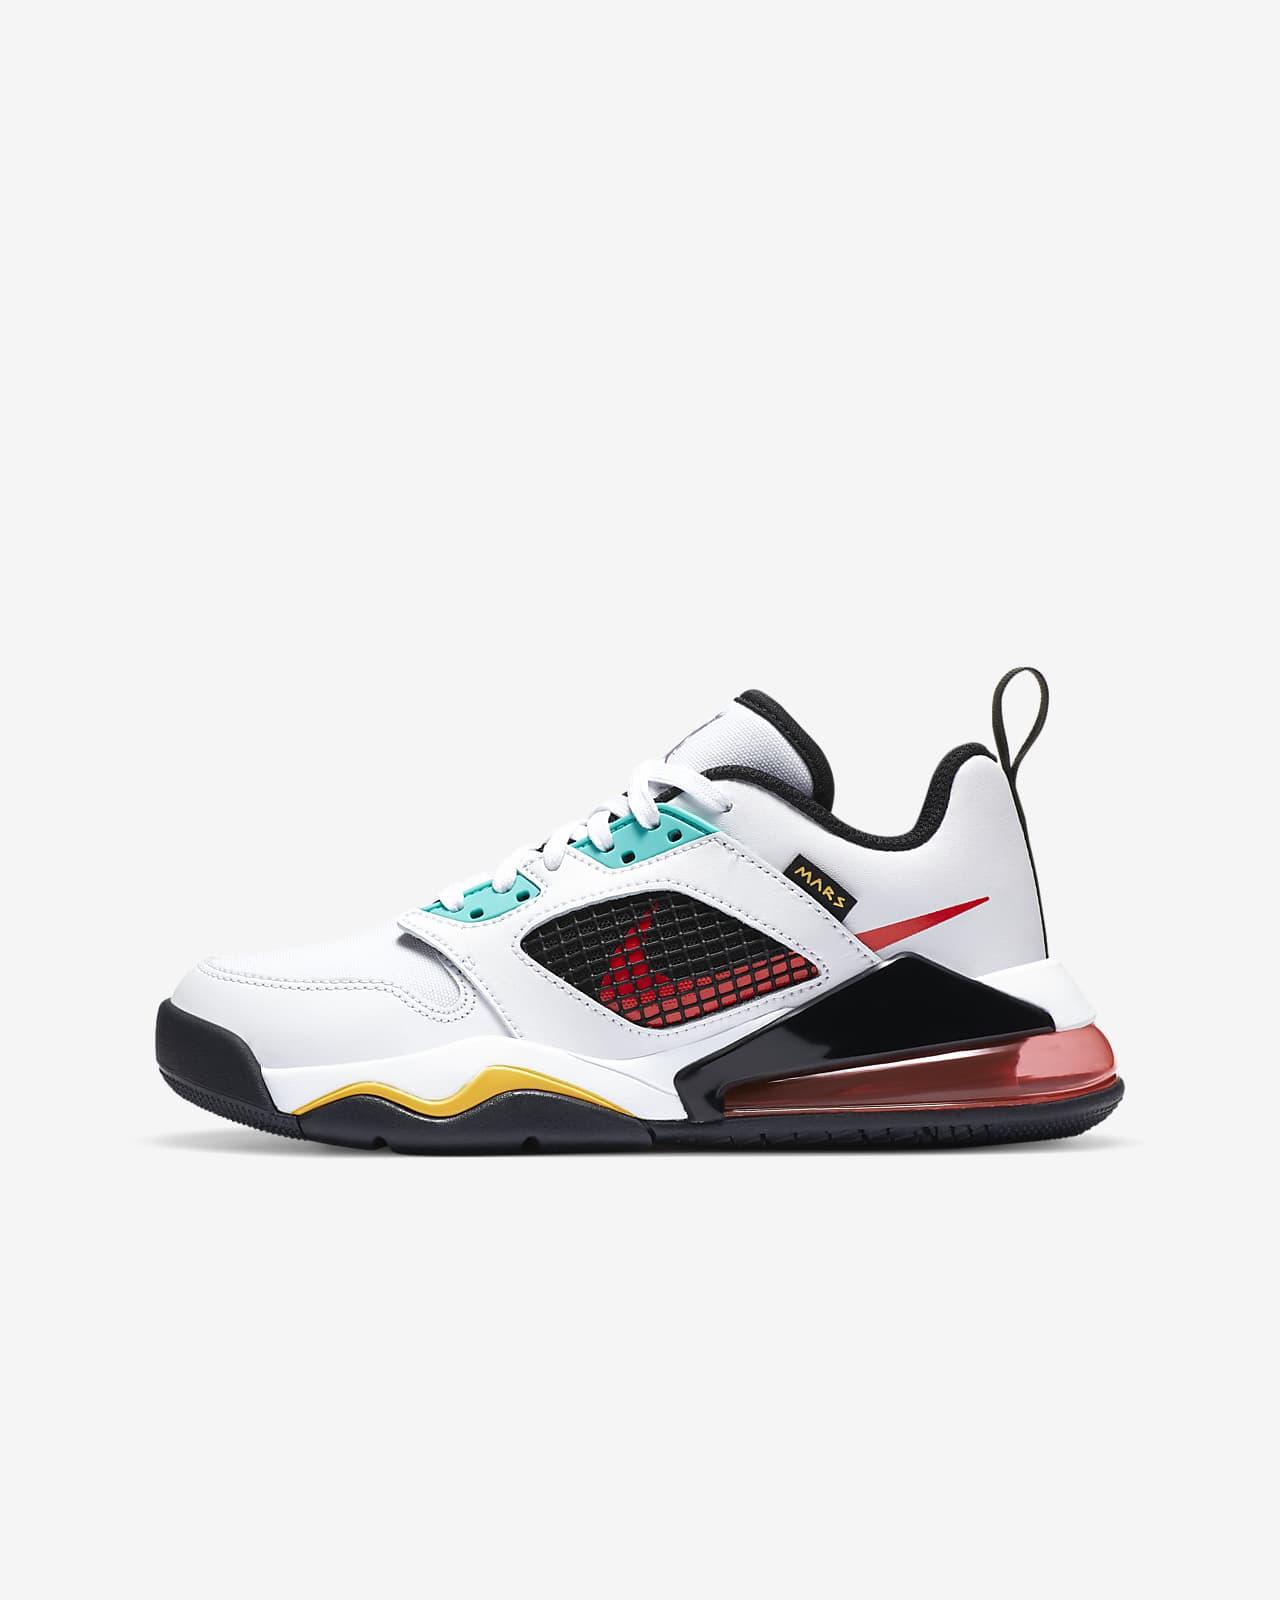 Jordan Mars 270 Low BG 大童运动童鞋